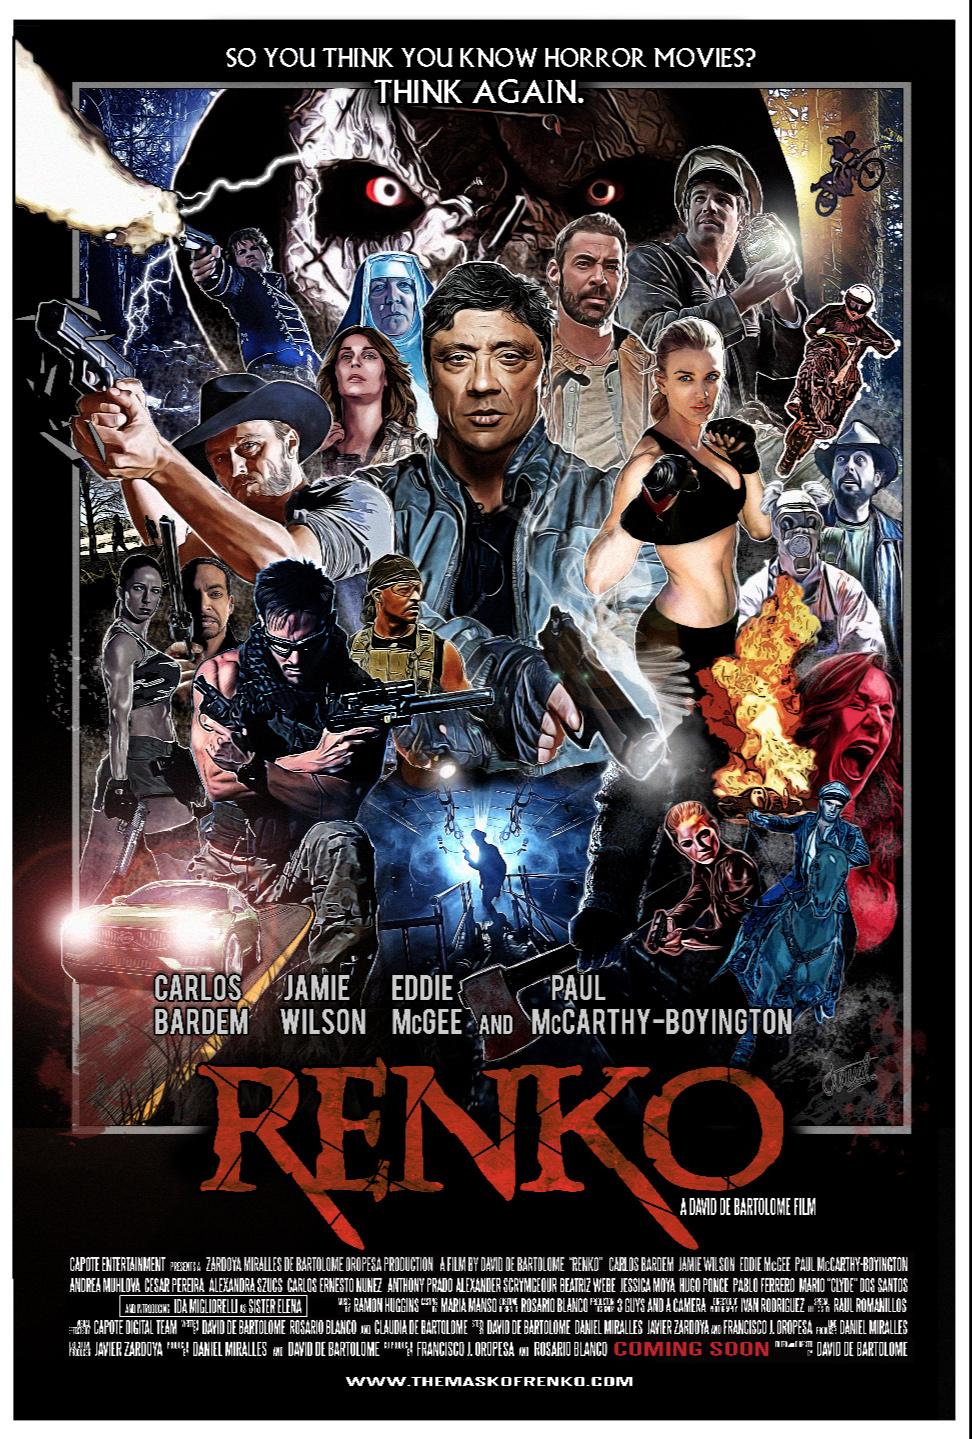 Renko